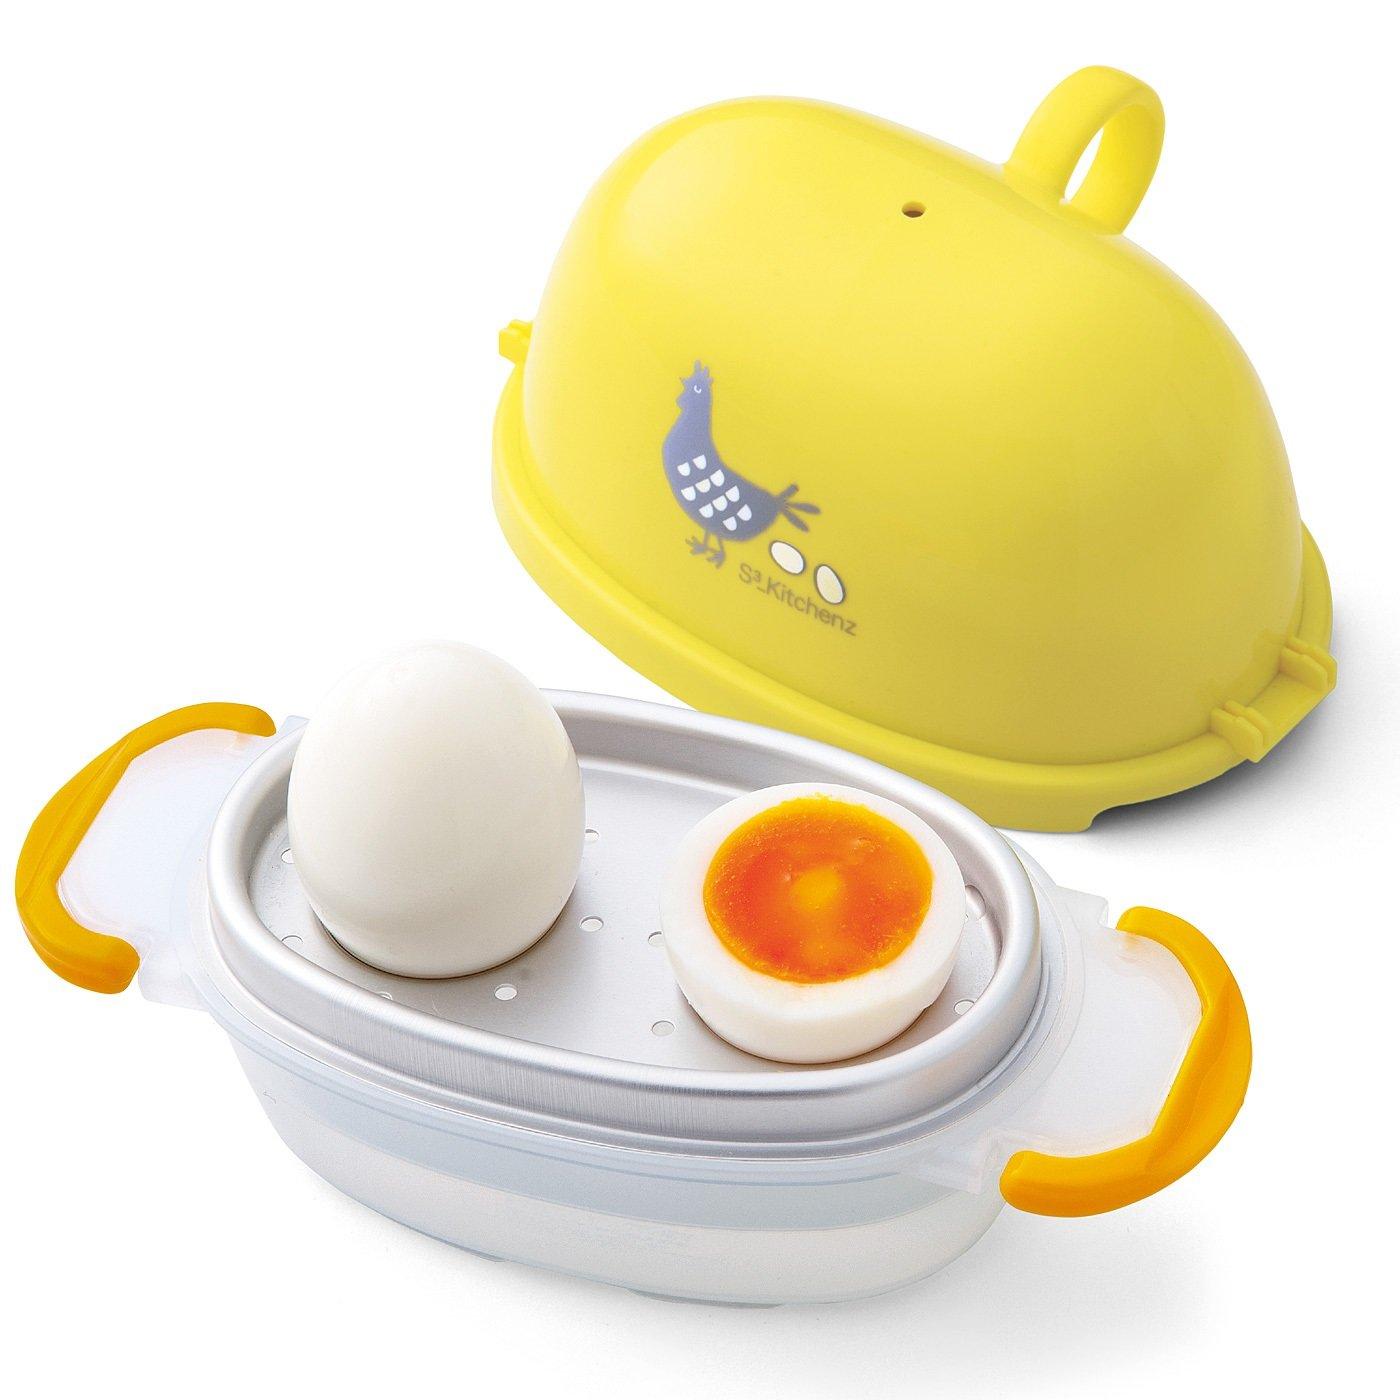 電子レンジでらくチン調理 手軽に一品増やせる ゆで卵クッカー